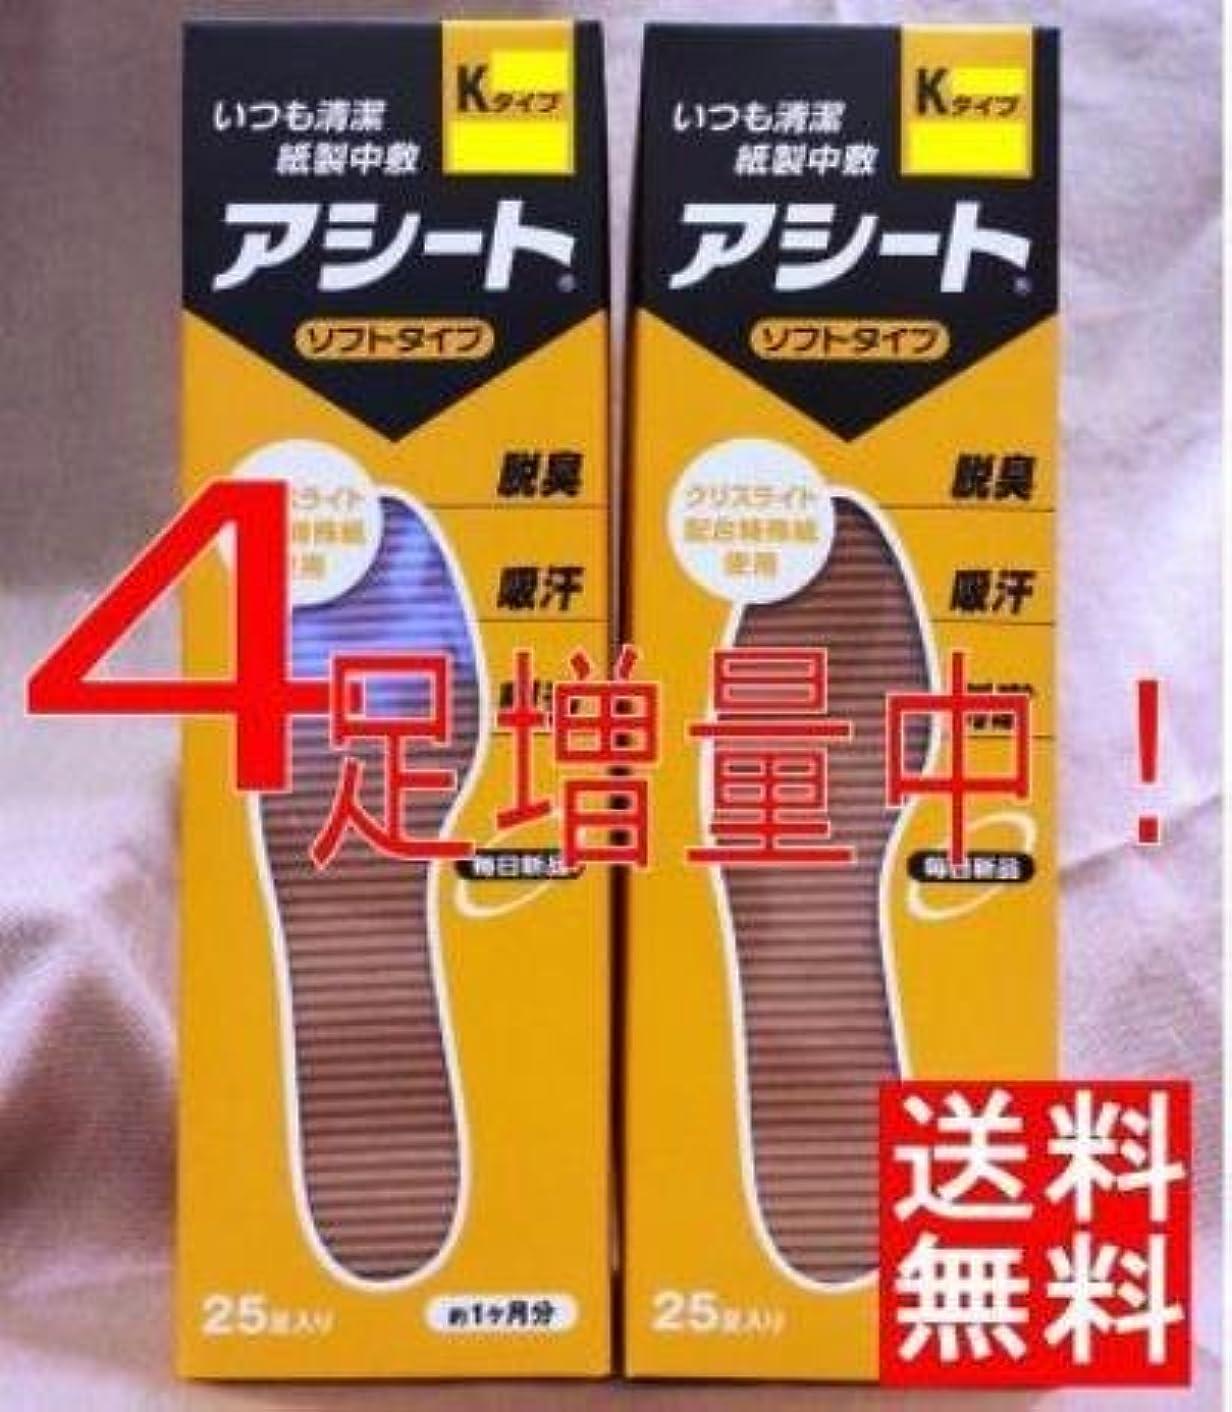 リンスステンレス会議アシートK(サイズ25cm)×2箱セット(4足増量中)